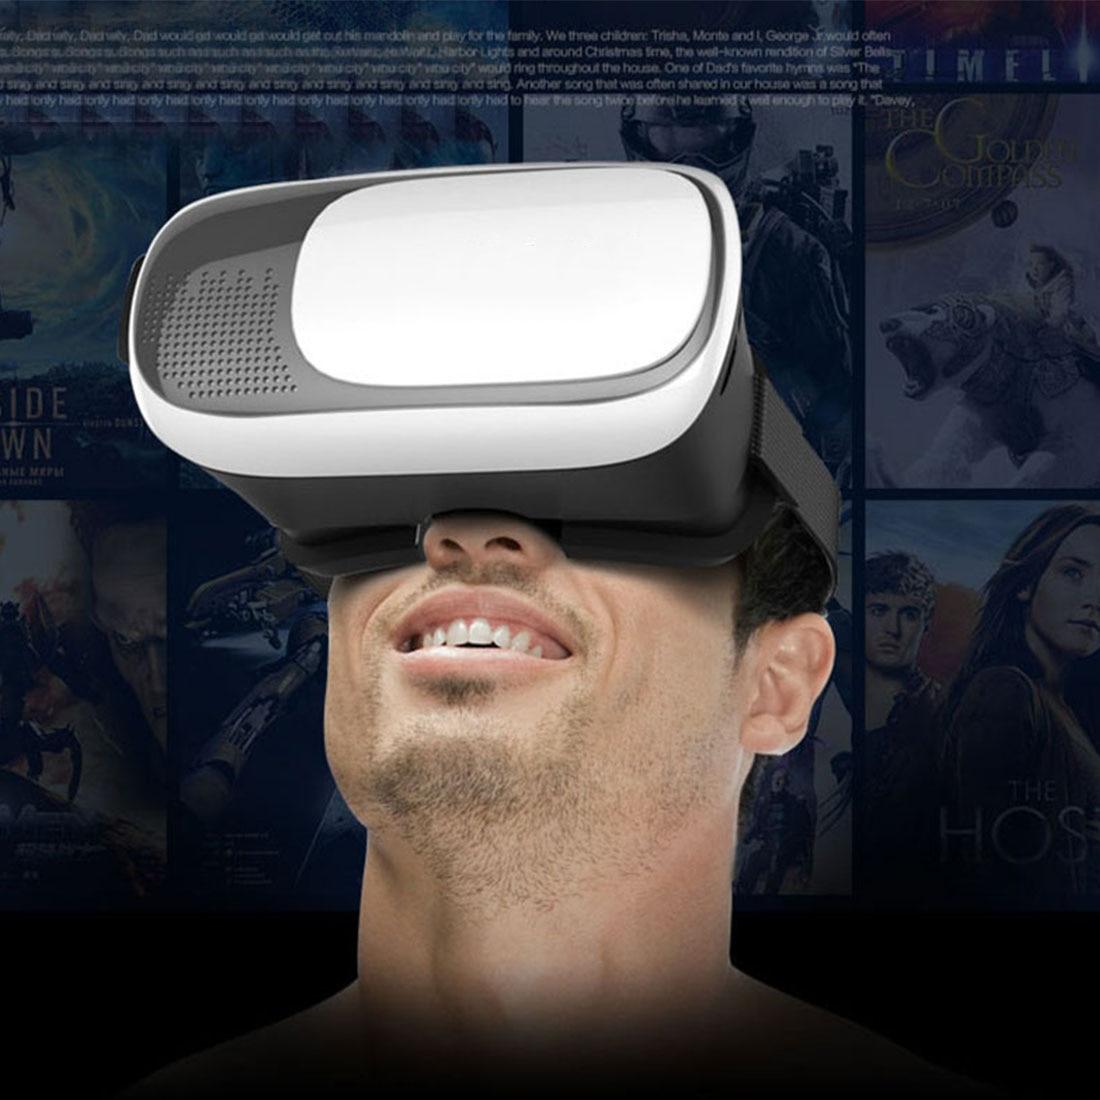 <font><b>Google</b></font> <font><b>Cardboards</b></font> <font><b>VR</b></font> <font><b>BOX</b></font> <font><b>II</b></font> <font><b>2.0</b></font> Version <font><b>VR</b></font> Virtual Reality 3D Glasses Tools <font><b>Hot</b></font> <font><b>Sale</b></font> And Hiah Quality